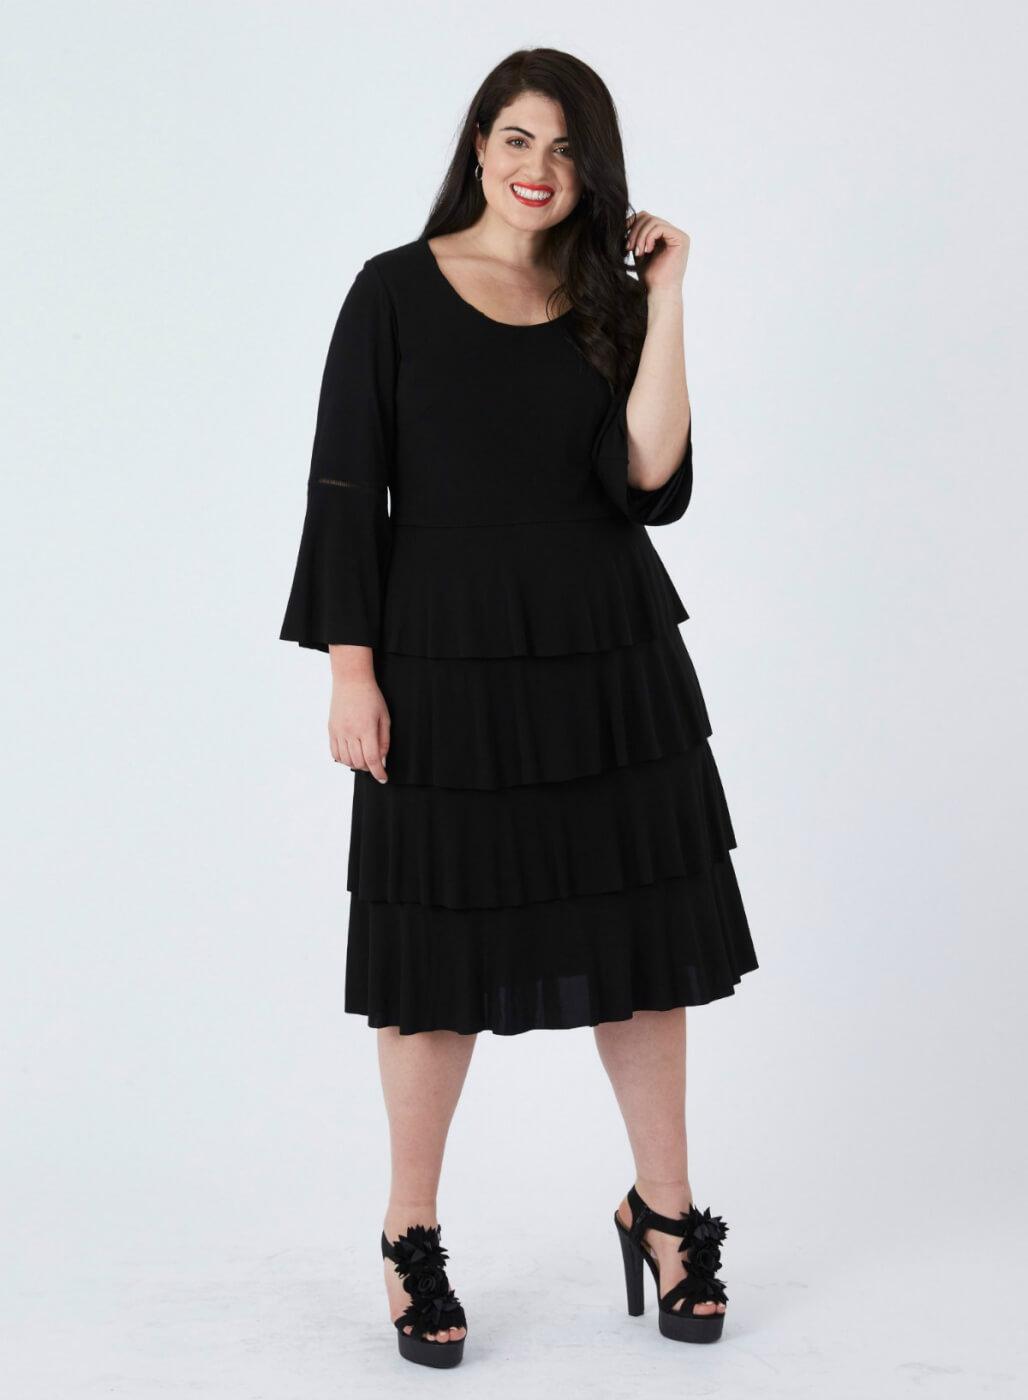 17d196779cb Fashion Nova Plus Size Formal Dresses | Saddha